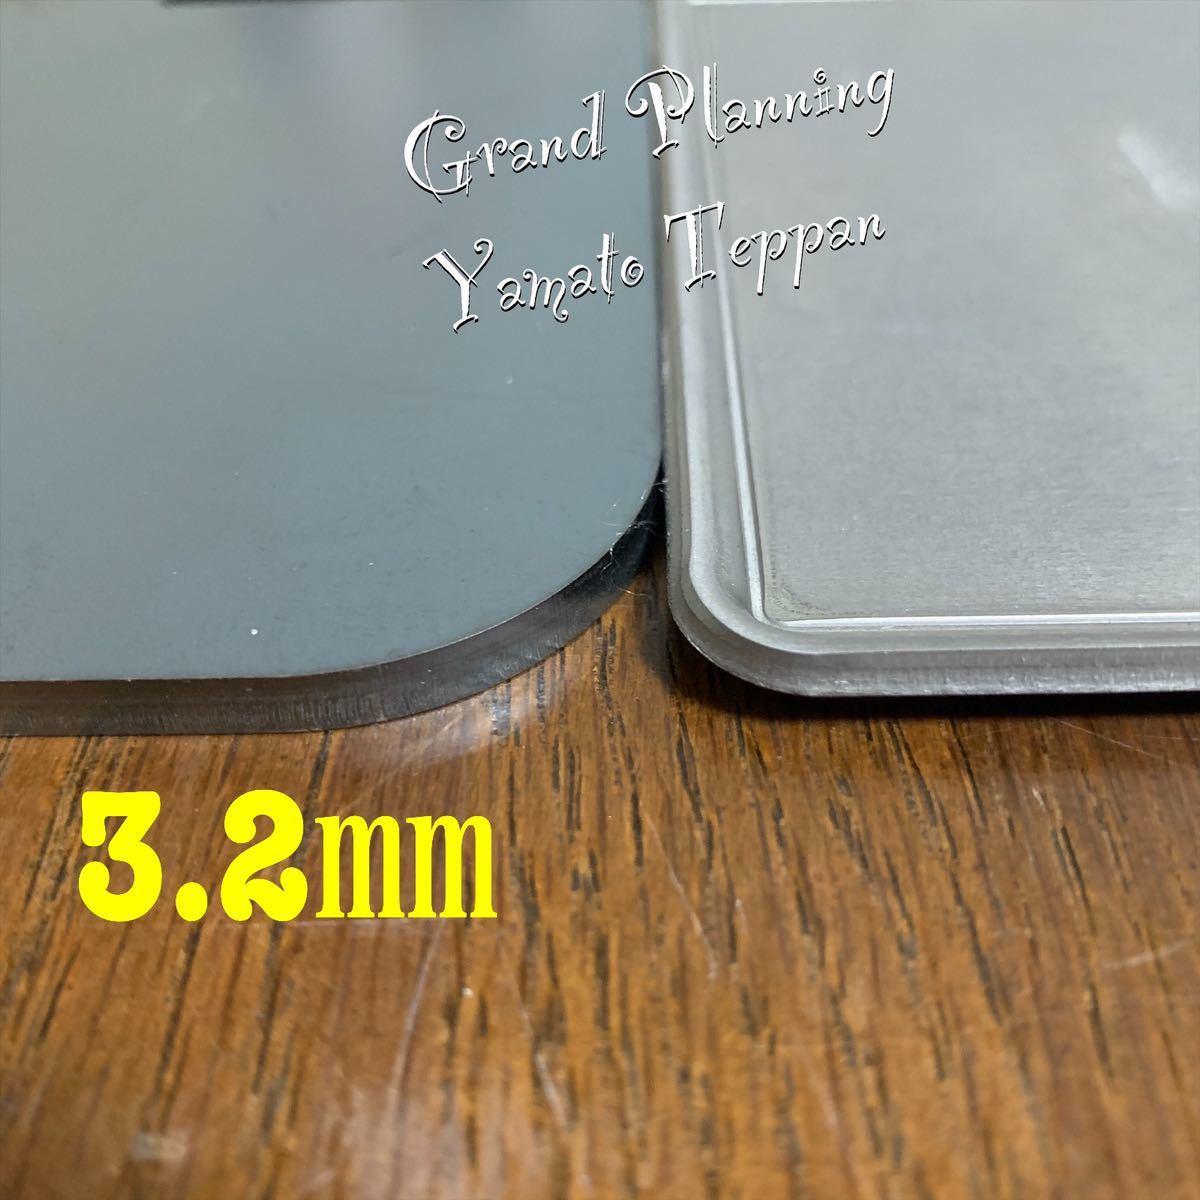 ソロキャンプ ミニ 3.2ミリ 鉄板 ポケットストーブサイズ メスティン スモール 収納 トング ヘラ ネオプレン収納袋